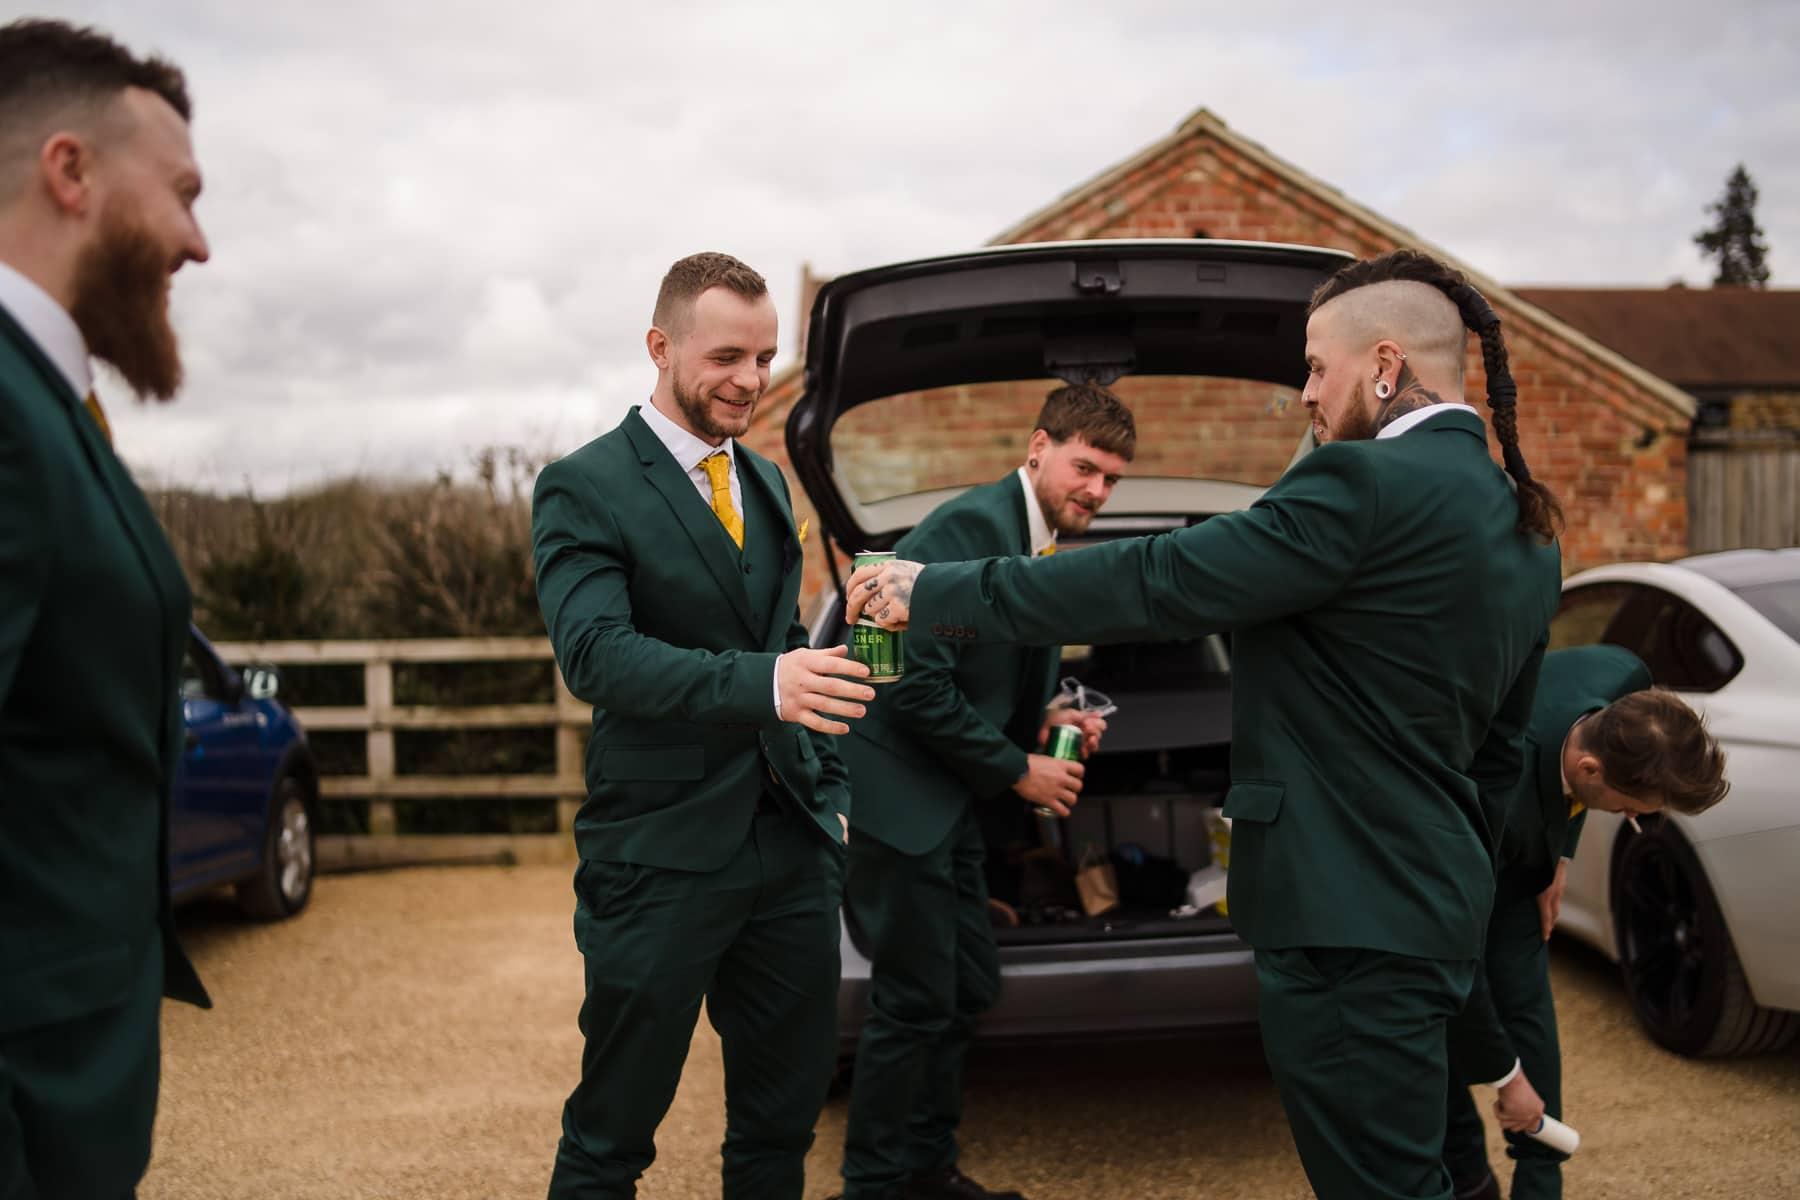 Groom drinking cans of Carlsberg before wedding